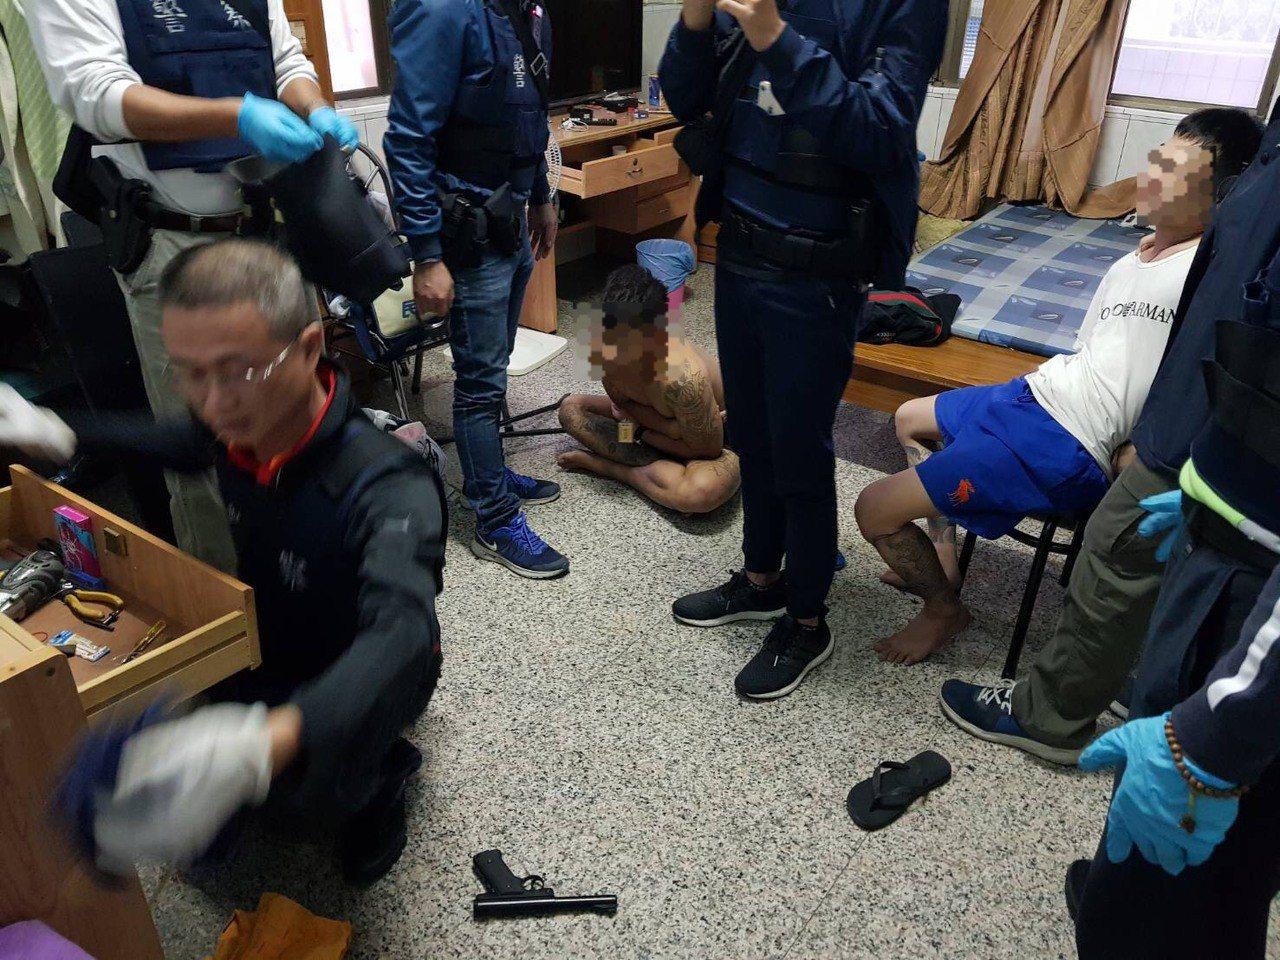 內埔警分局搜索長治鄉一處偏僻租屋處,破門進入時,歹徒還拿著槍,所幸被警方及時壓制...